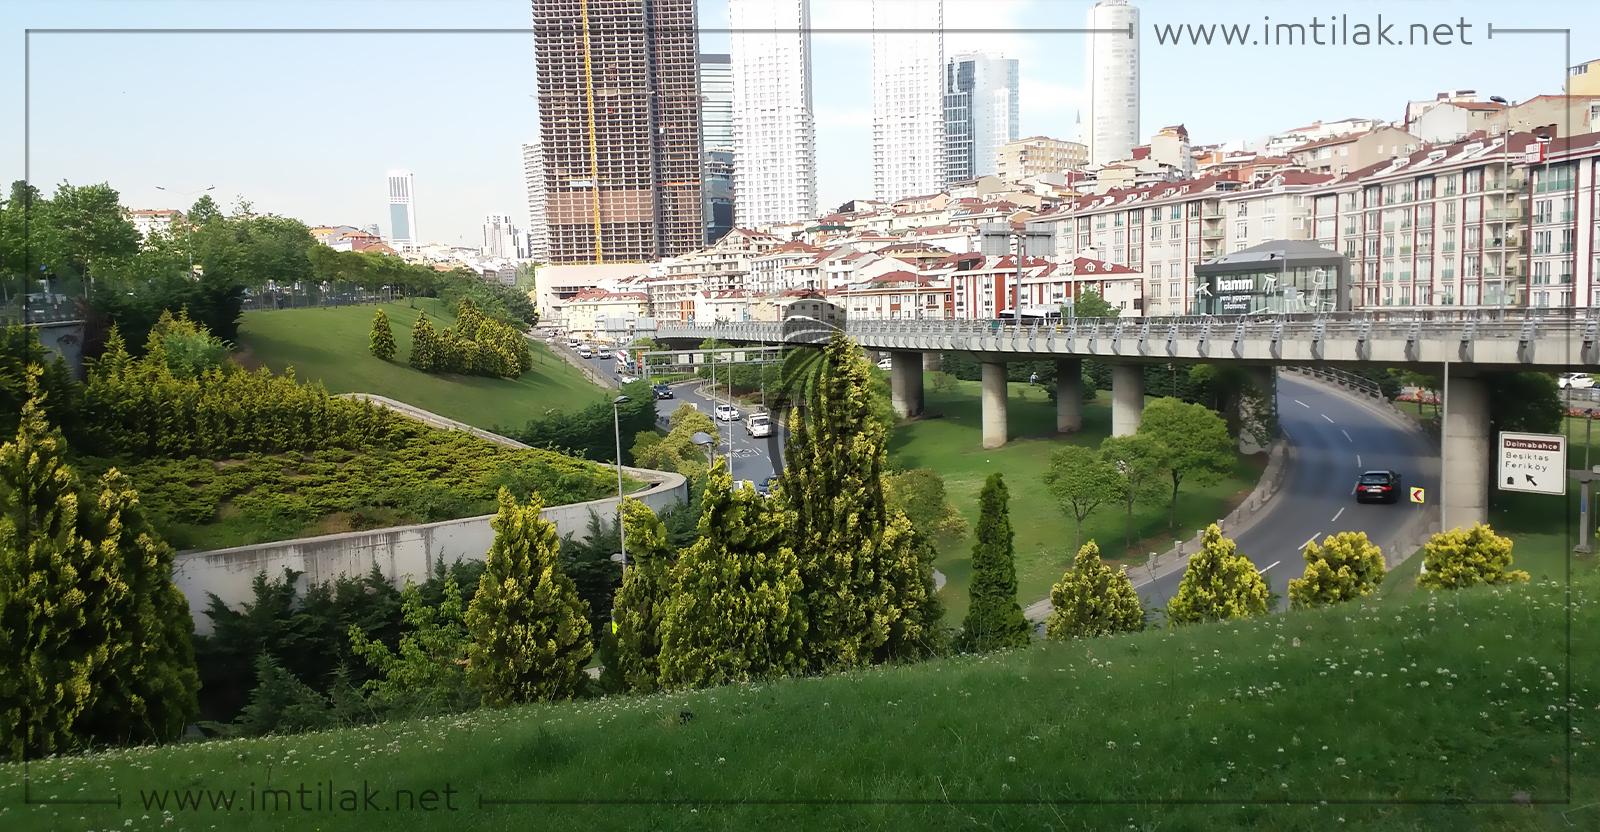 مجمع بومونتي شيشلي IMT-96 - شقق اسطنبول الجانب الأوروبي